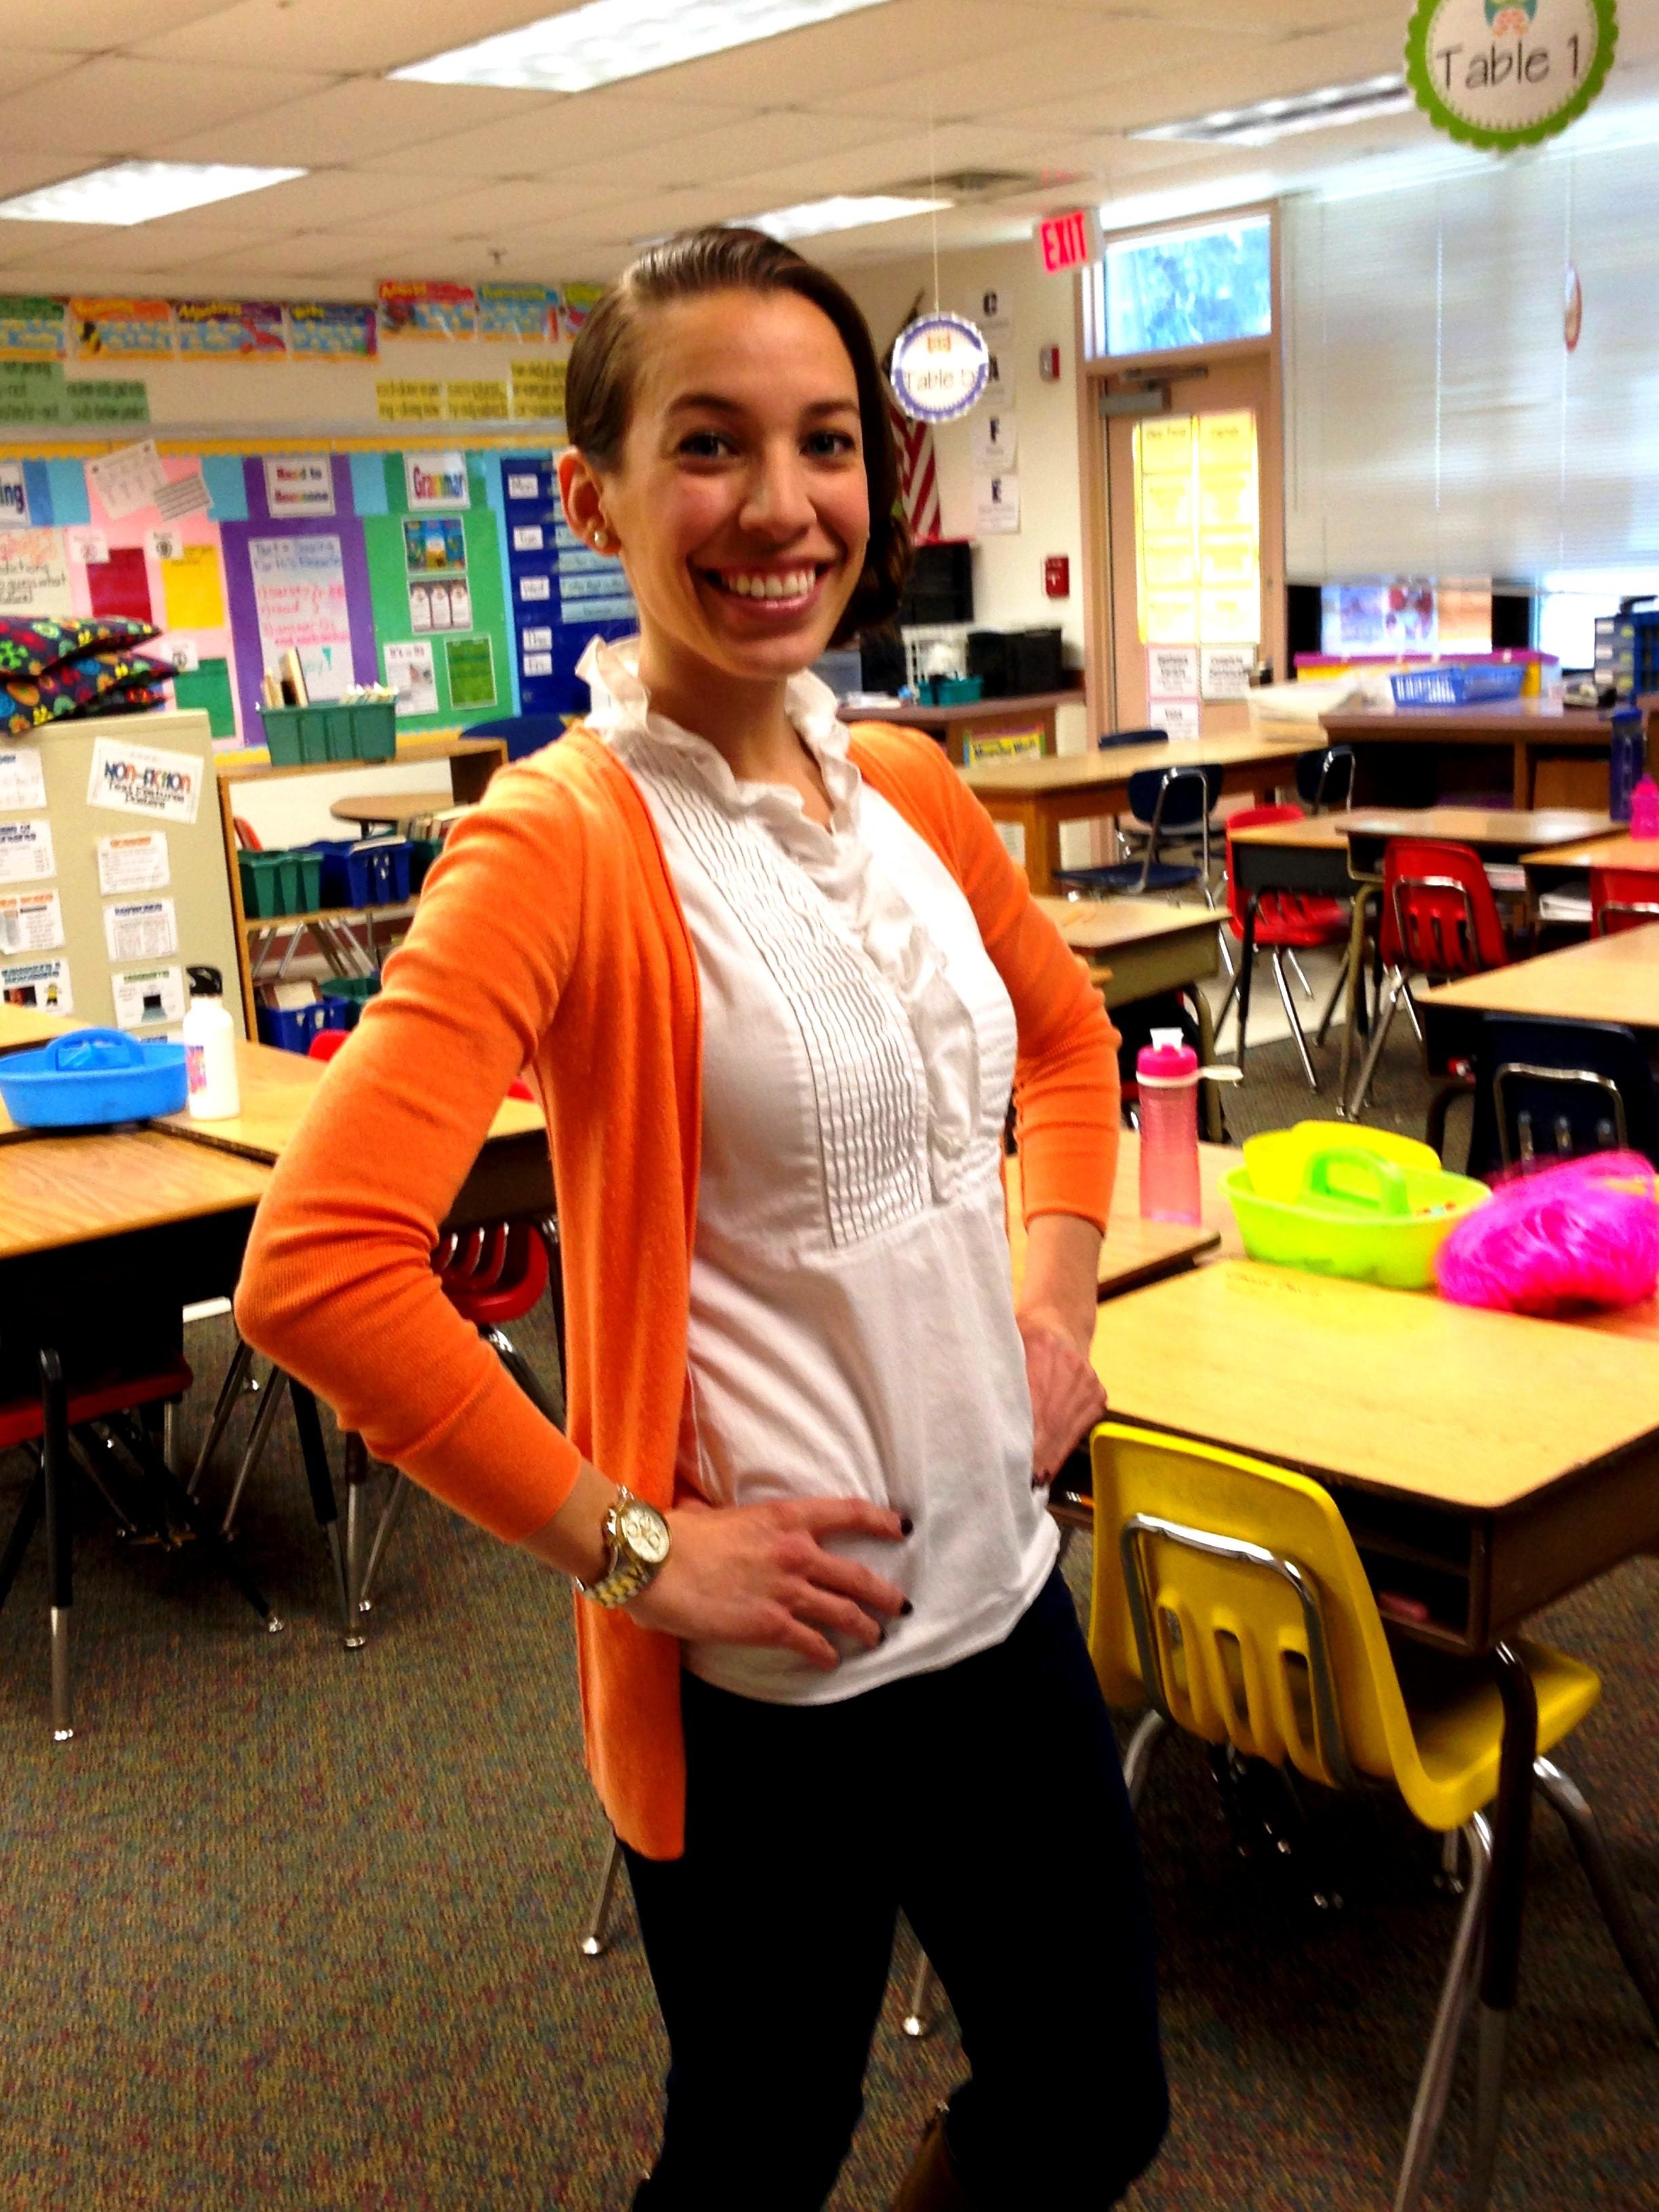 Sarah Romero, Investment Banker turned elementary school teacher